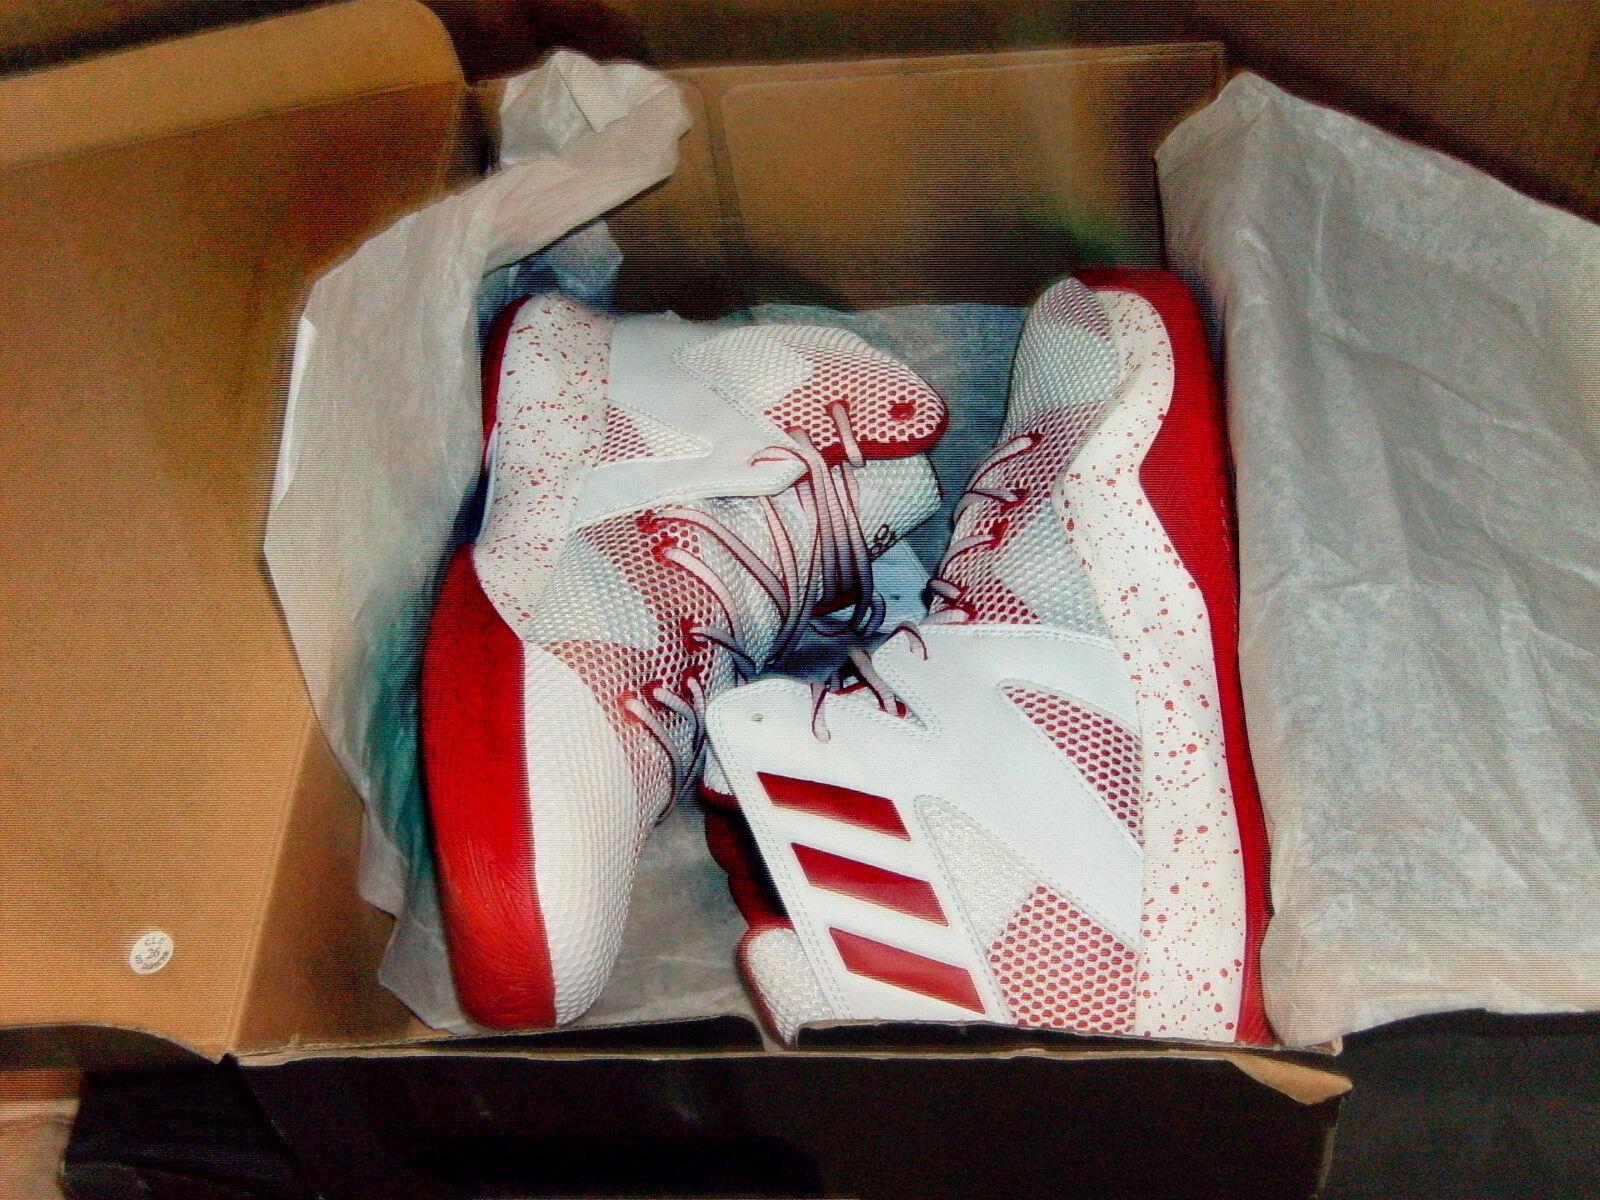 Adidas REAL Mens SM Crazy Crazy Crazy Bounce Basketball NBA Whi Red or Whi Pur NWB 50%OFF. e5c696